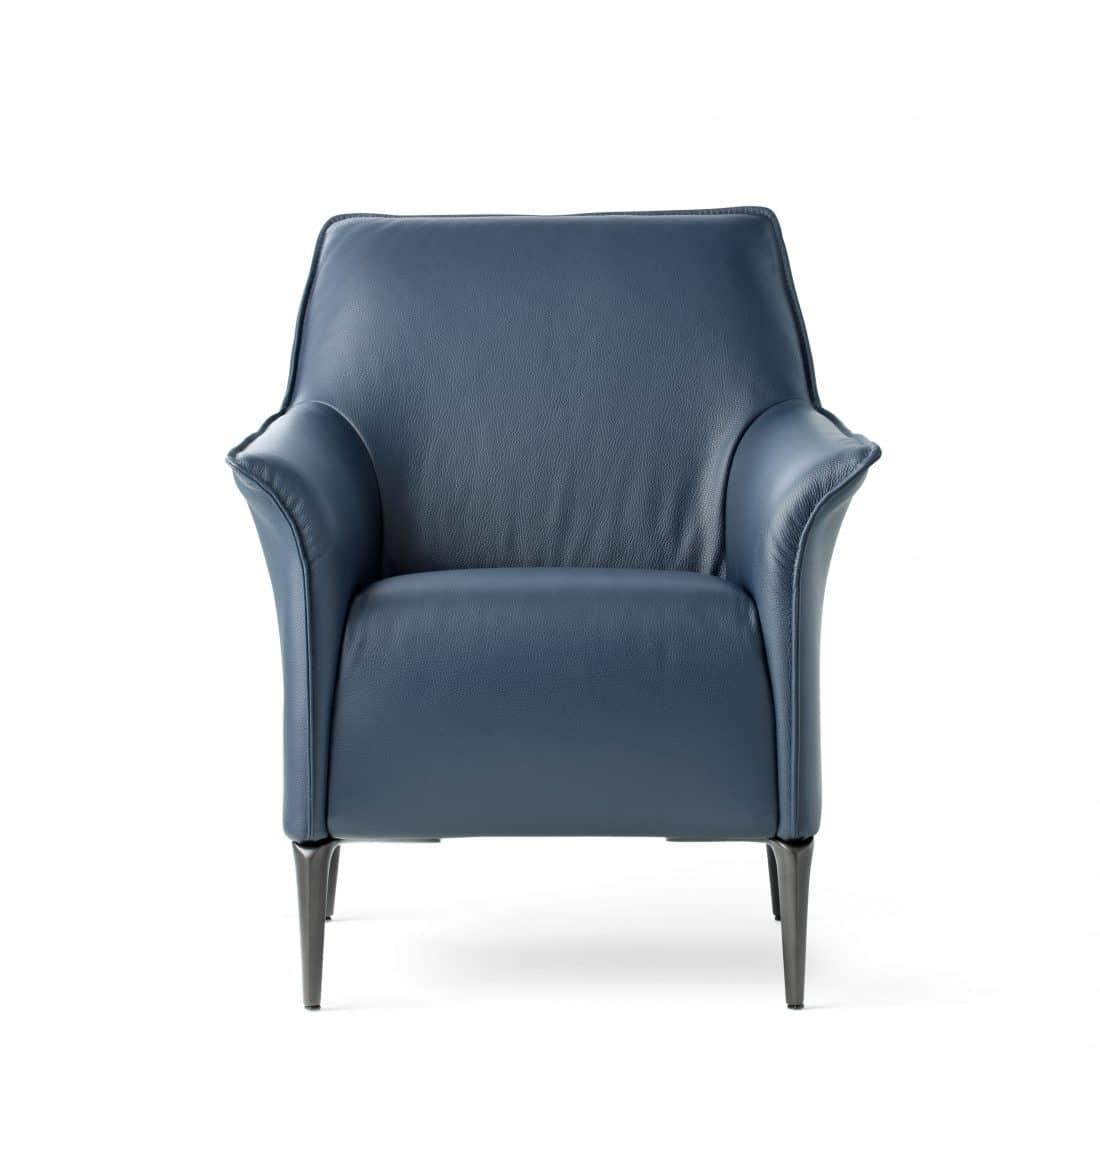 Leolux Mayuro Leather Blue 0002 Scaled